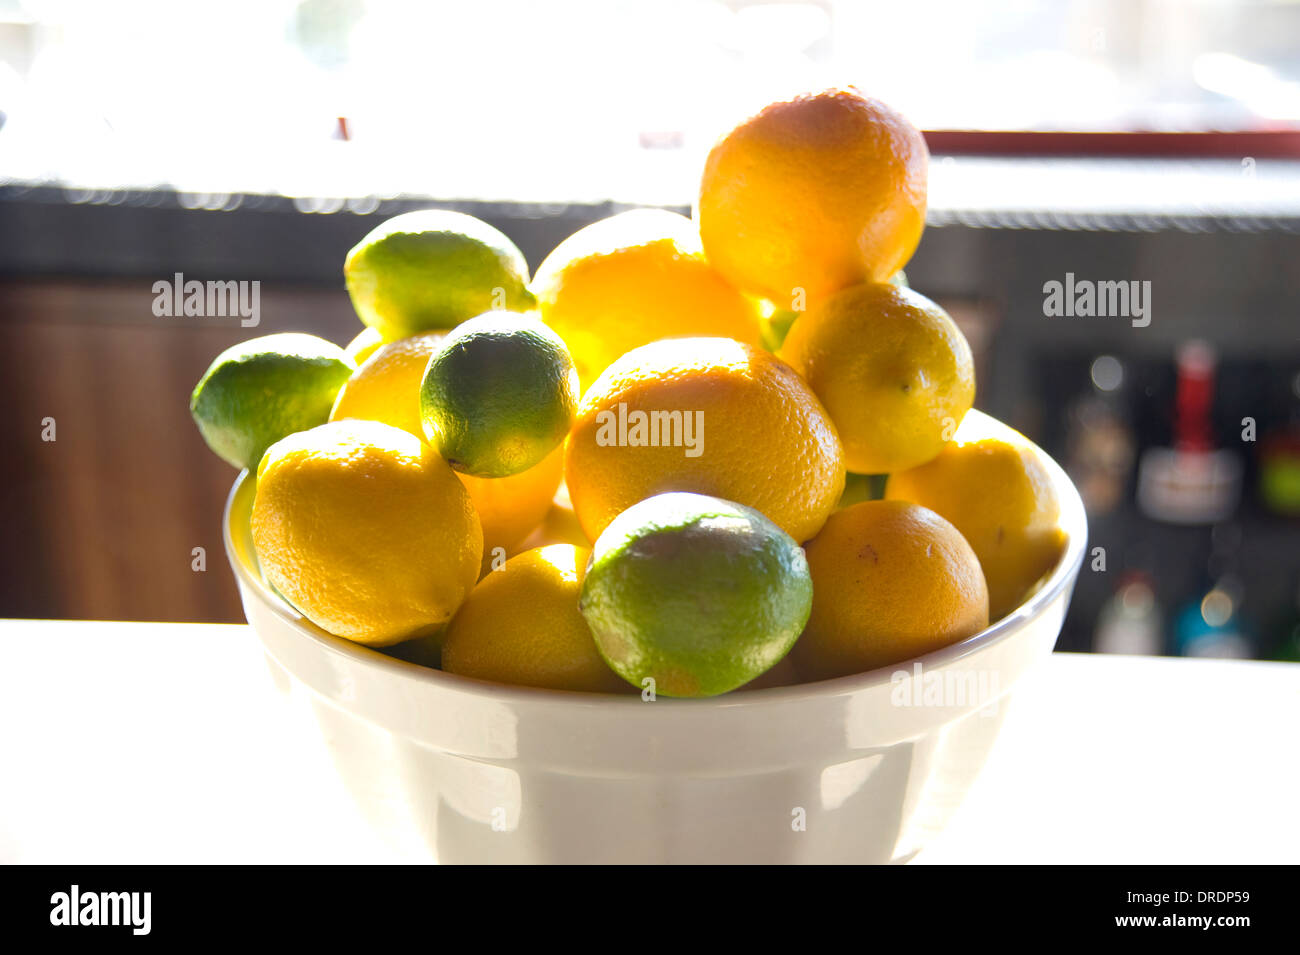 Bowl of lemons and limes on bar - Stock Image